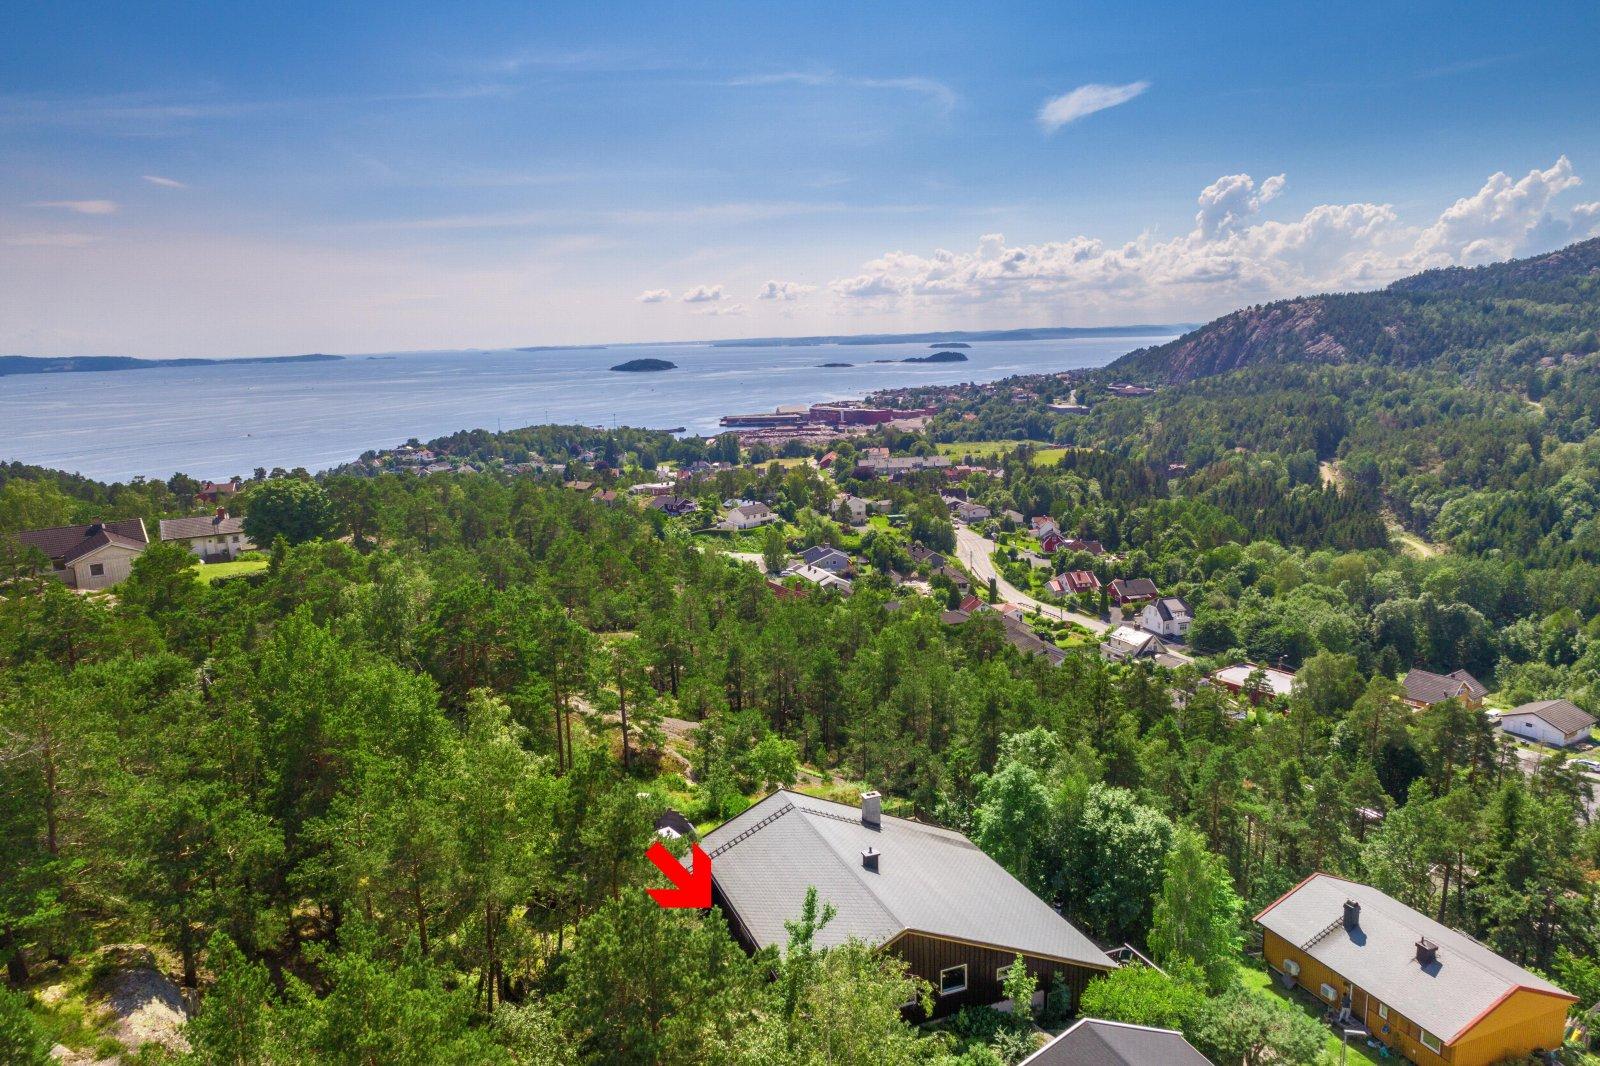 Eiendommen har flott utsikt utover Oslofjorden